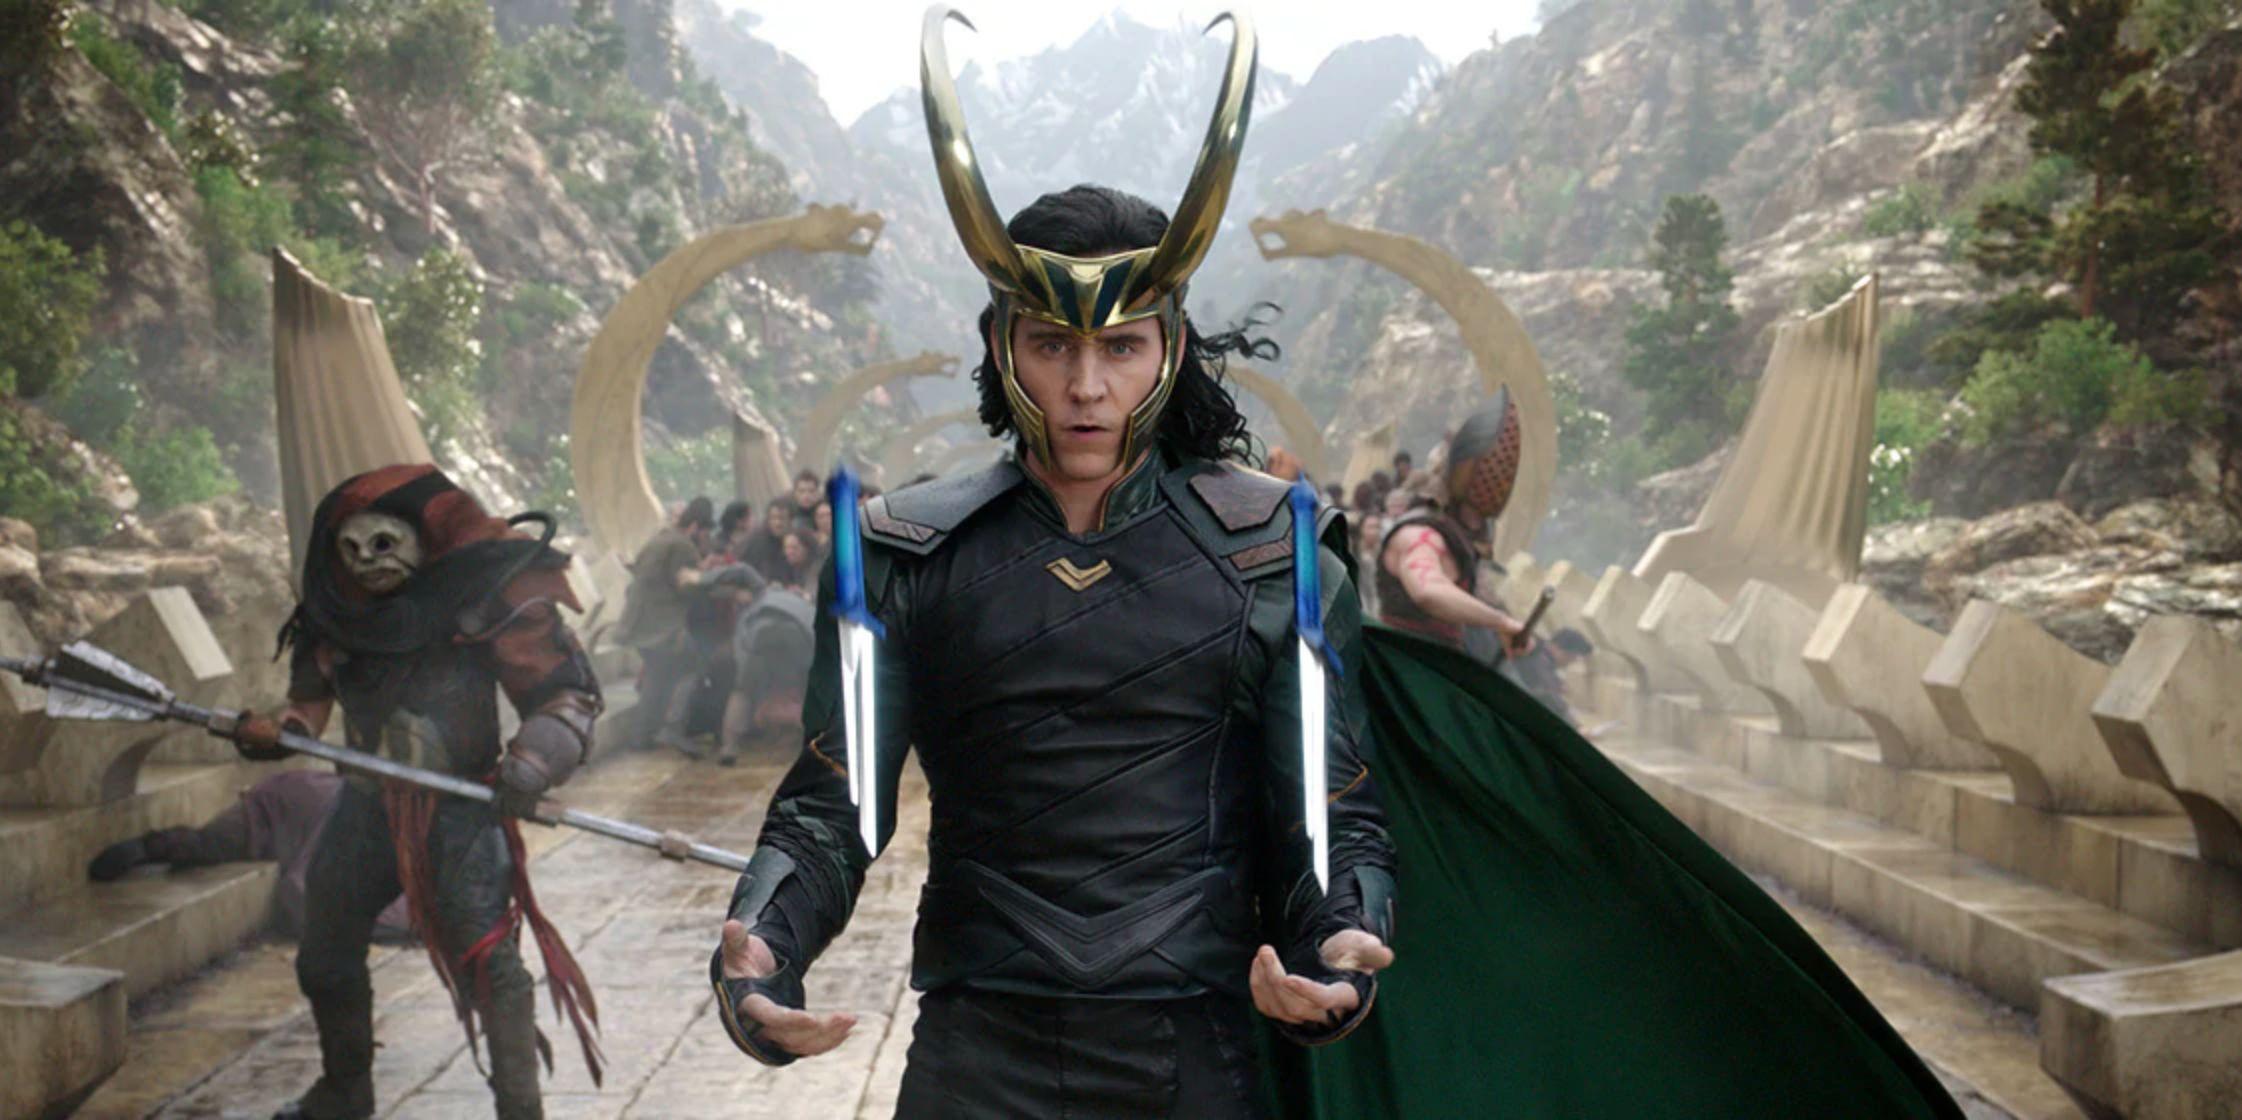 Сериал disney+ Loki